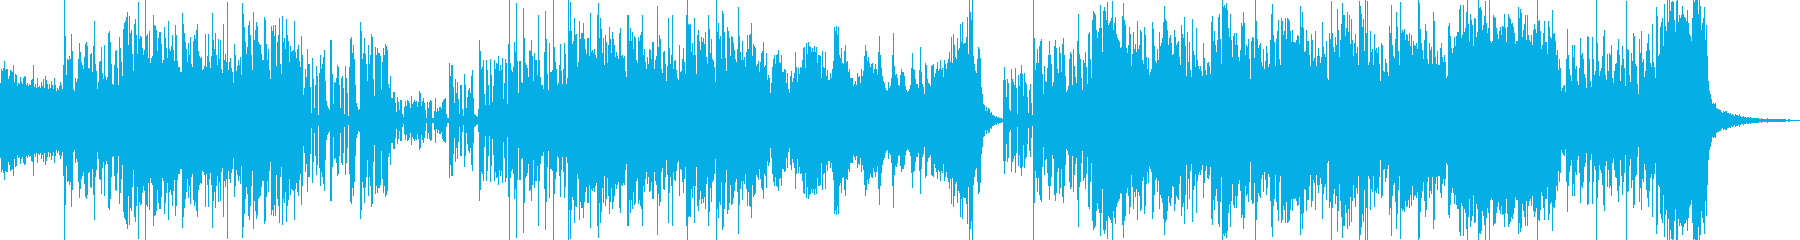 日本の民謡風の楽曲。むかし話などに…の再生済みの波形